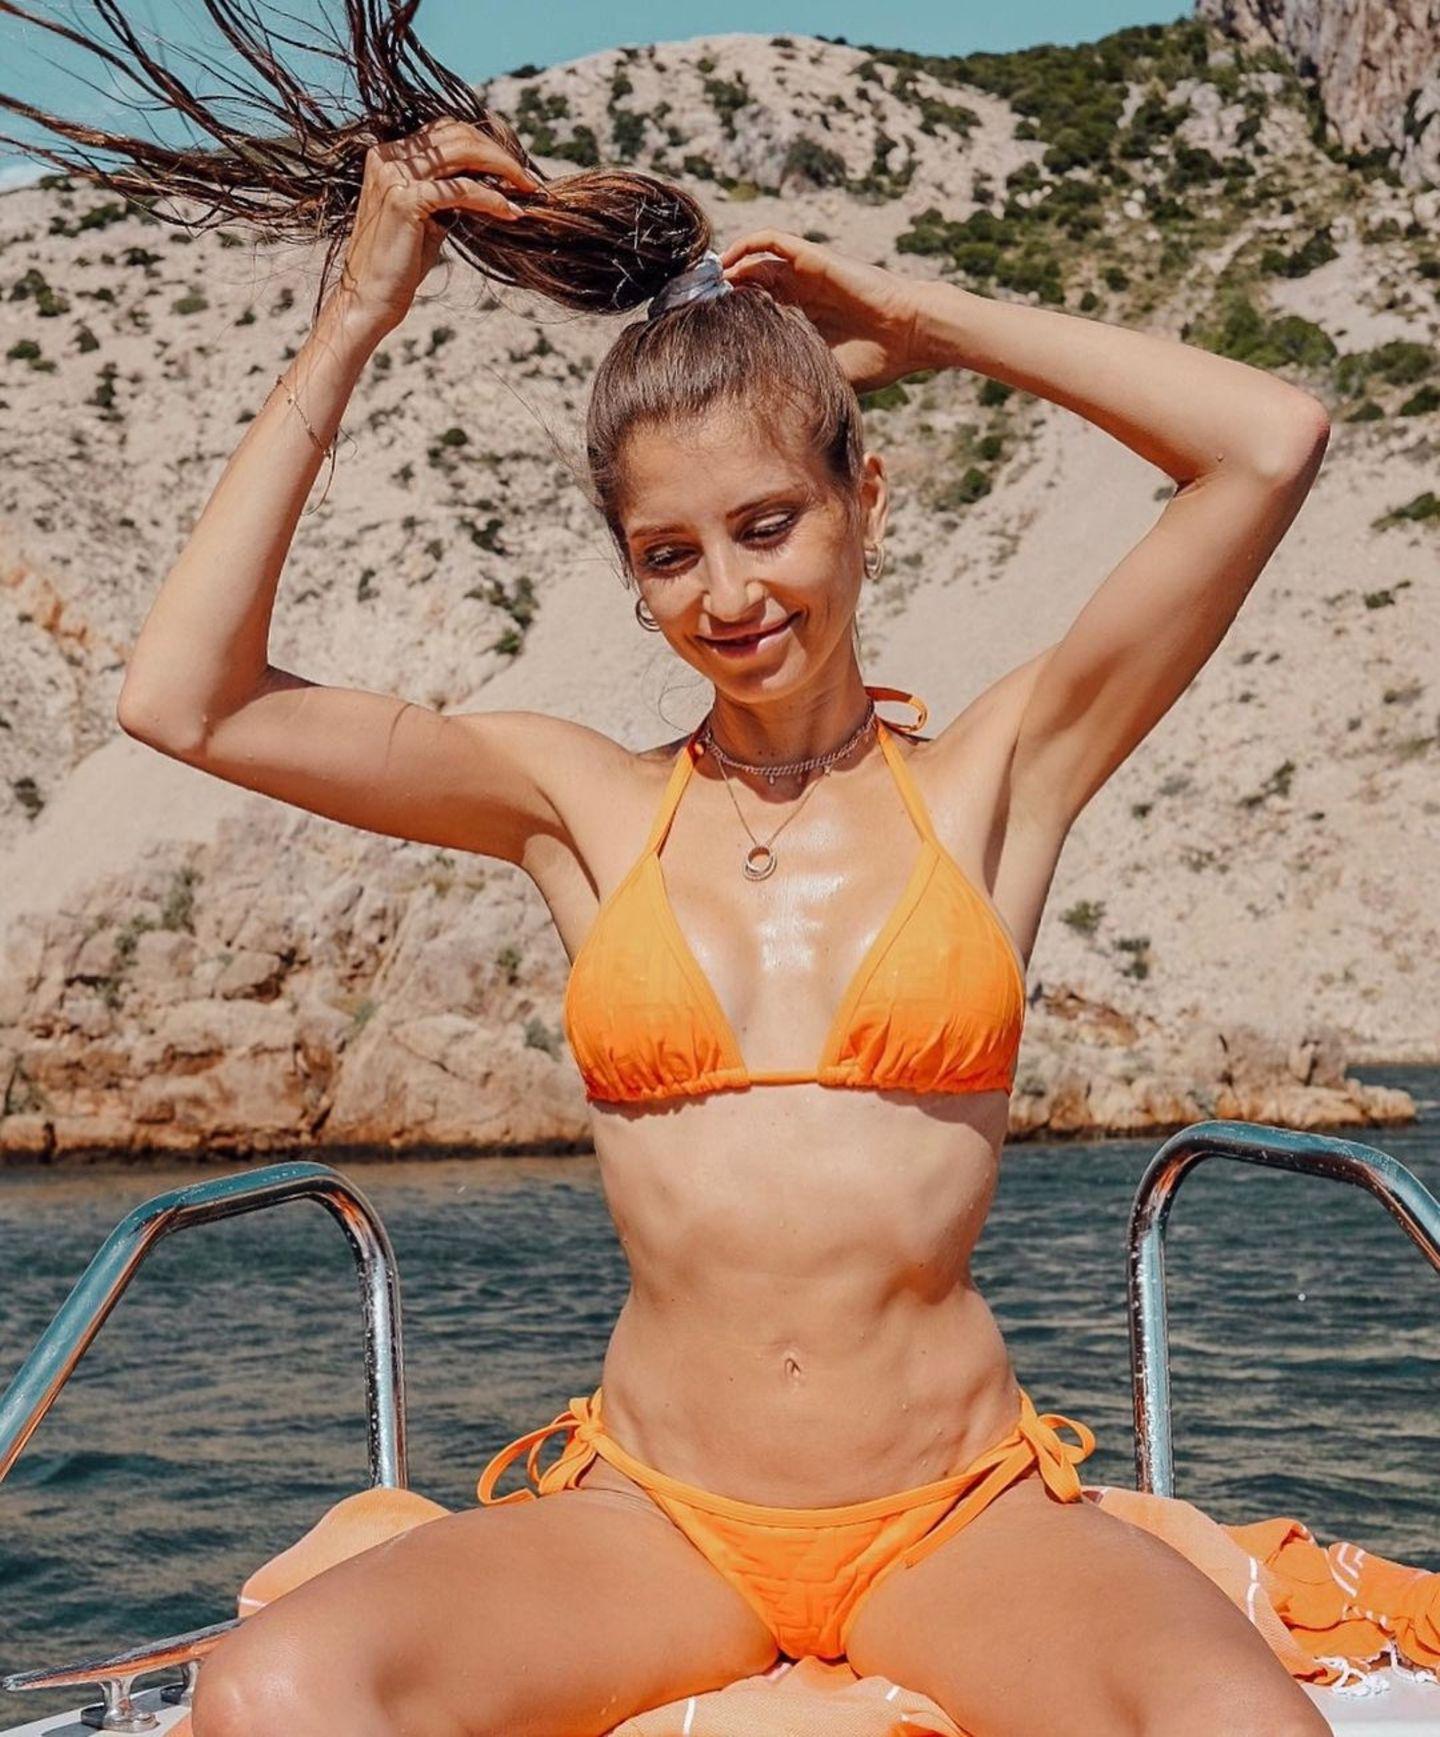 """Cathy Hummels genießt die Zeit im sonnigen Kroatien. Während eines Bootsausflugs sendet sie nicht nur Urlaubsgrüße an ihre Fans, sondern wendet sich mit persönlichen Worten an sie: """"Mein Lieblingswort ist: Lebensfreude. Hatte ich lange nicht, aber da ist die wieder."""""""